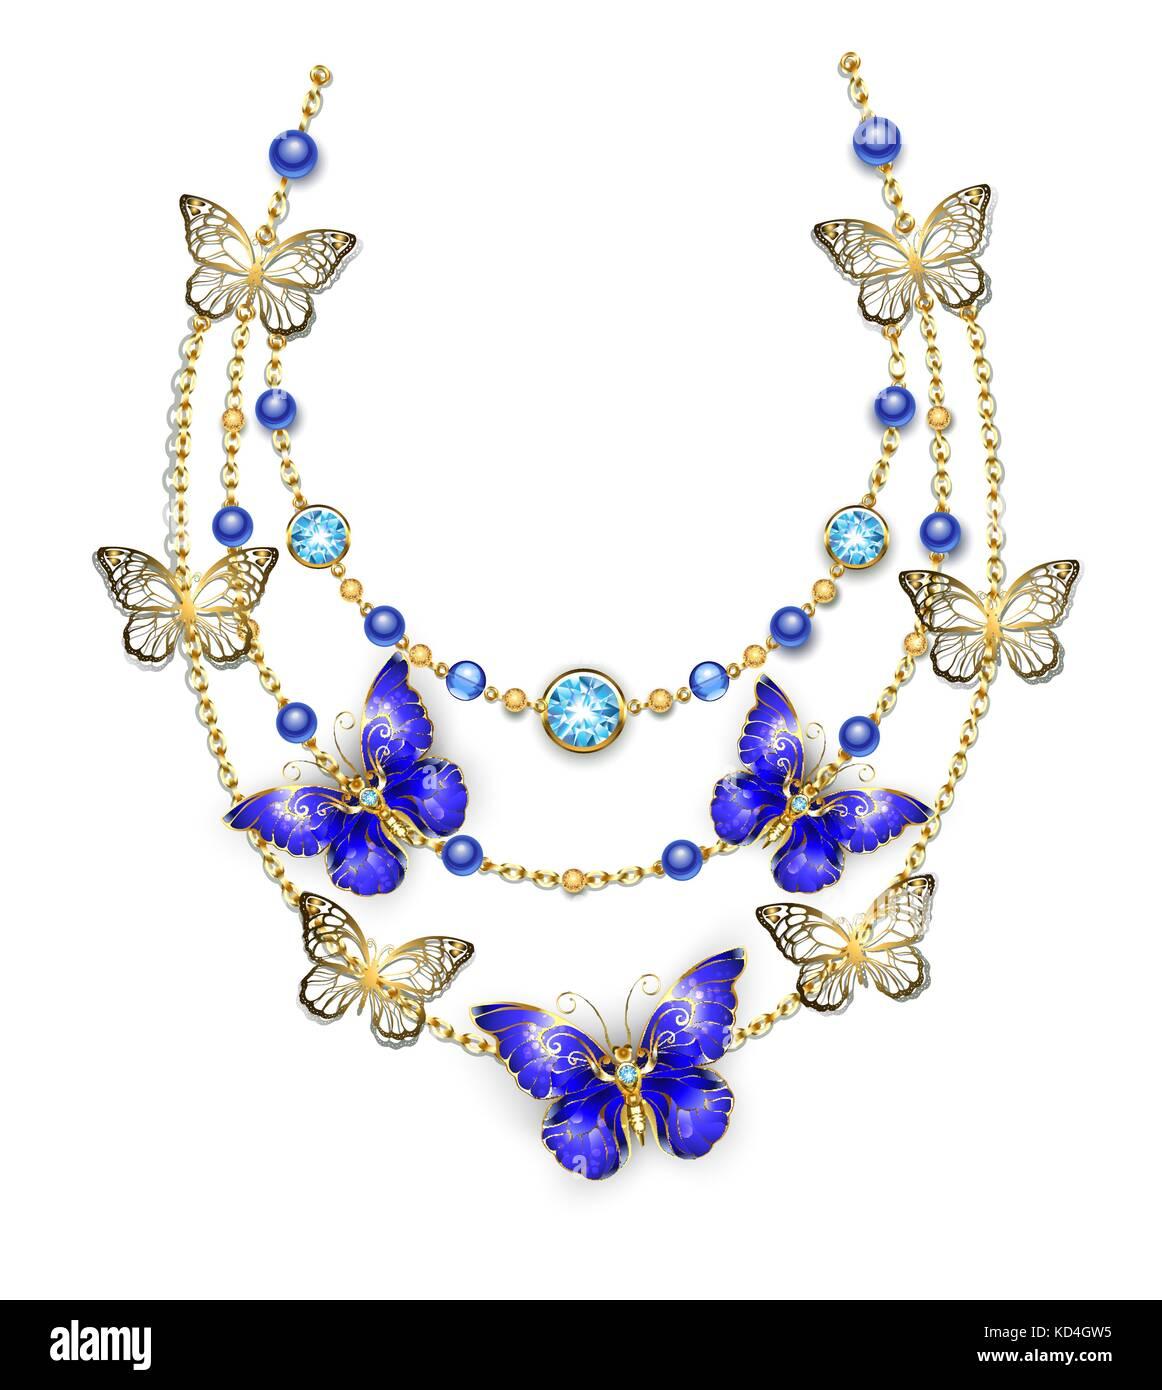 Collier de chaînes d or, orné de perles bleues et saphir papillons.  conception 84c1c993e243